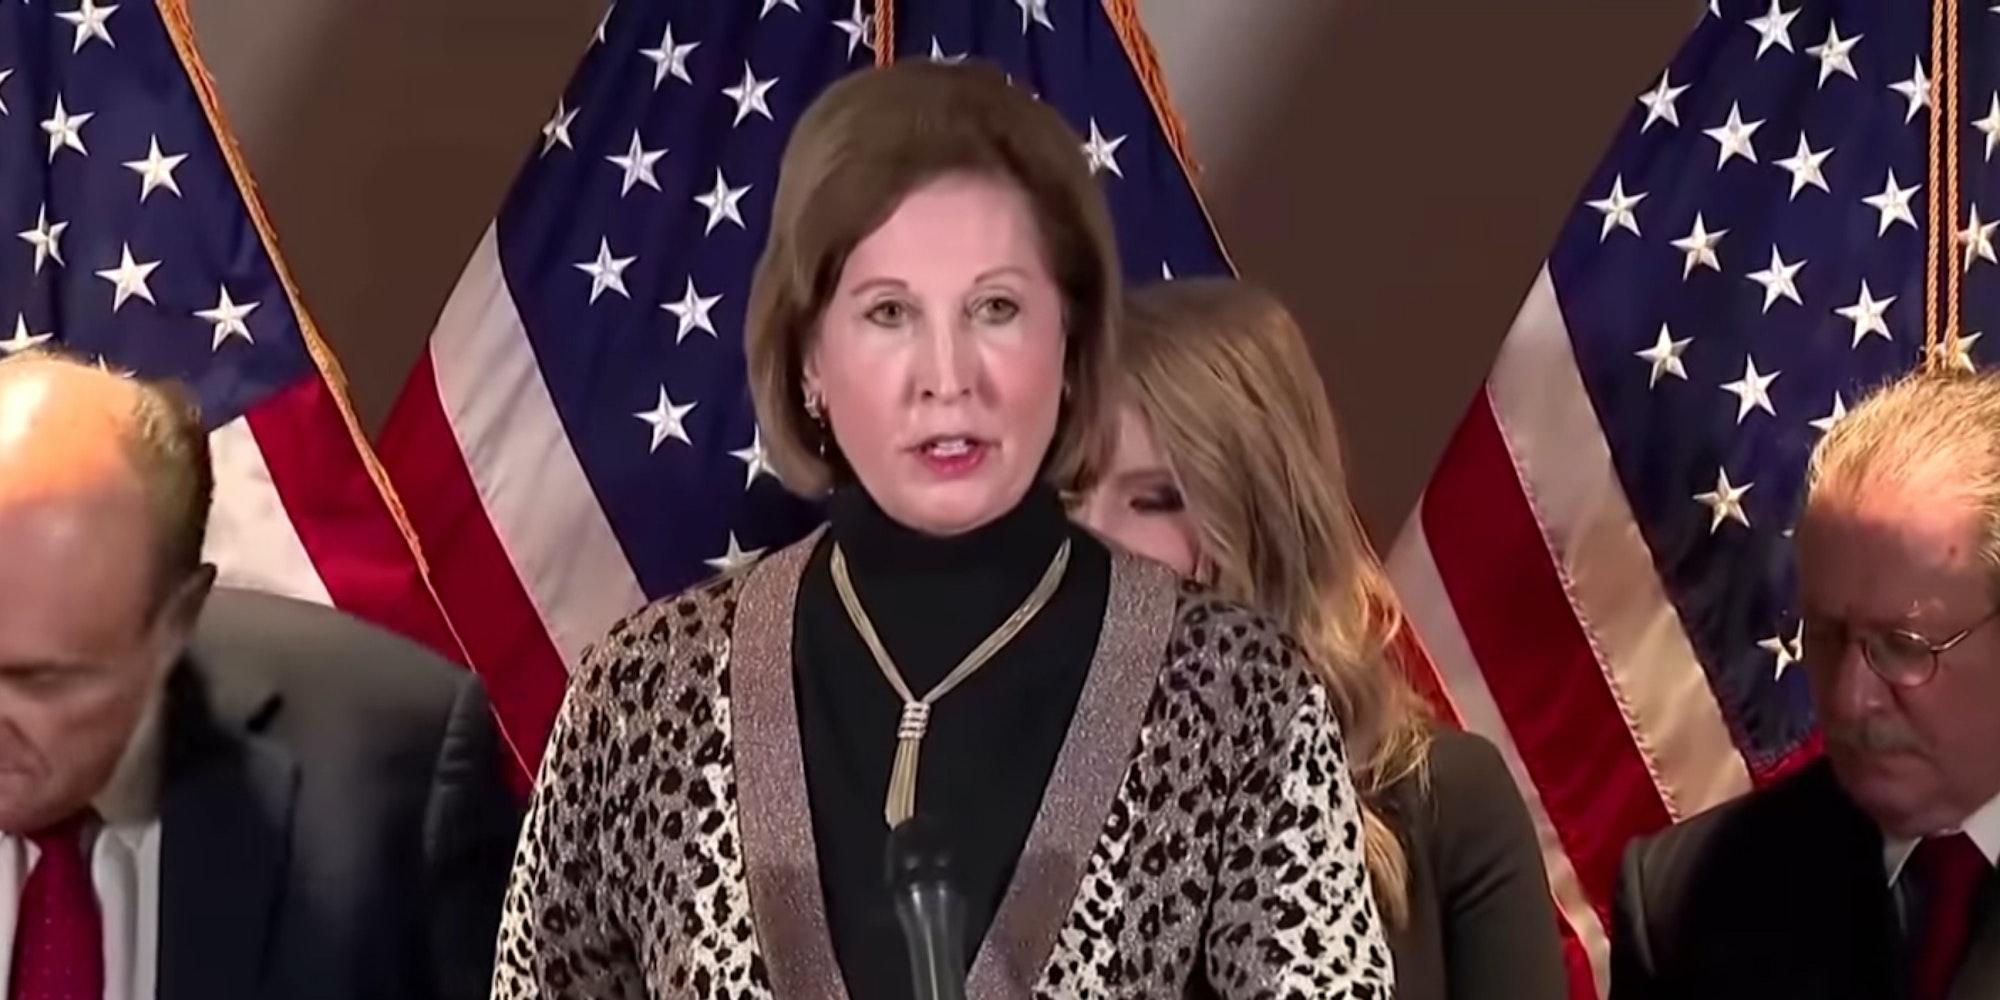 Sidney Powell Misspellings Trump 2020 Election Lawsuit